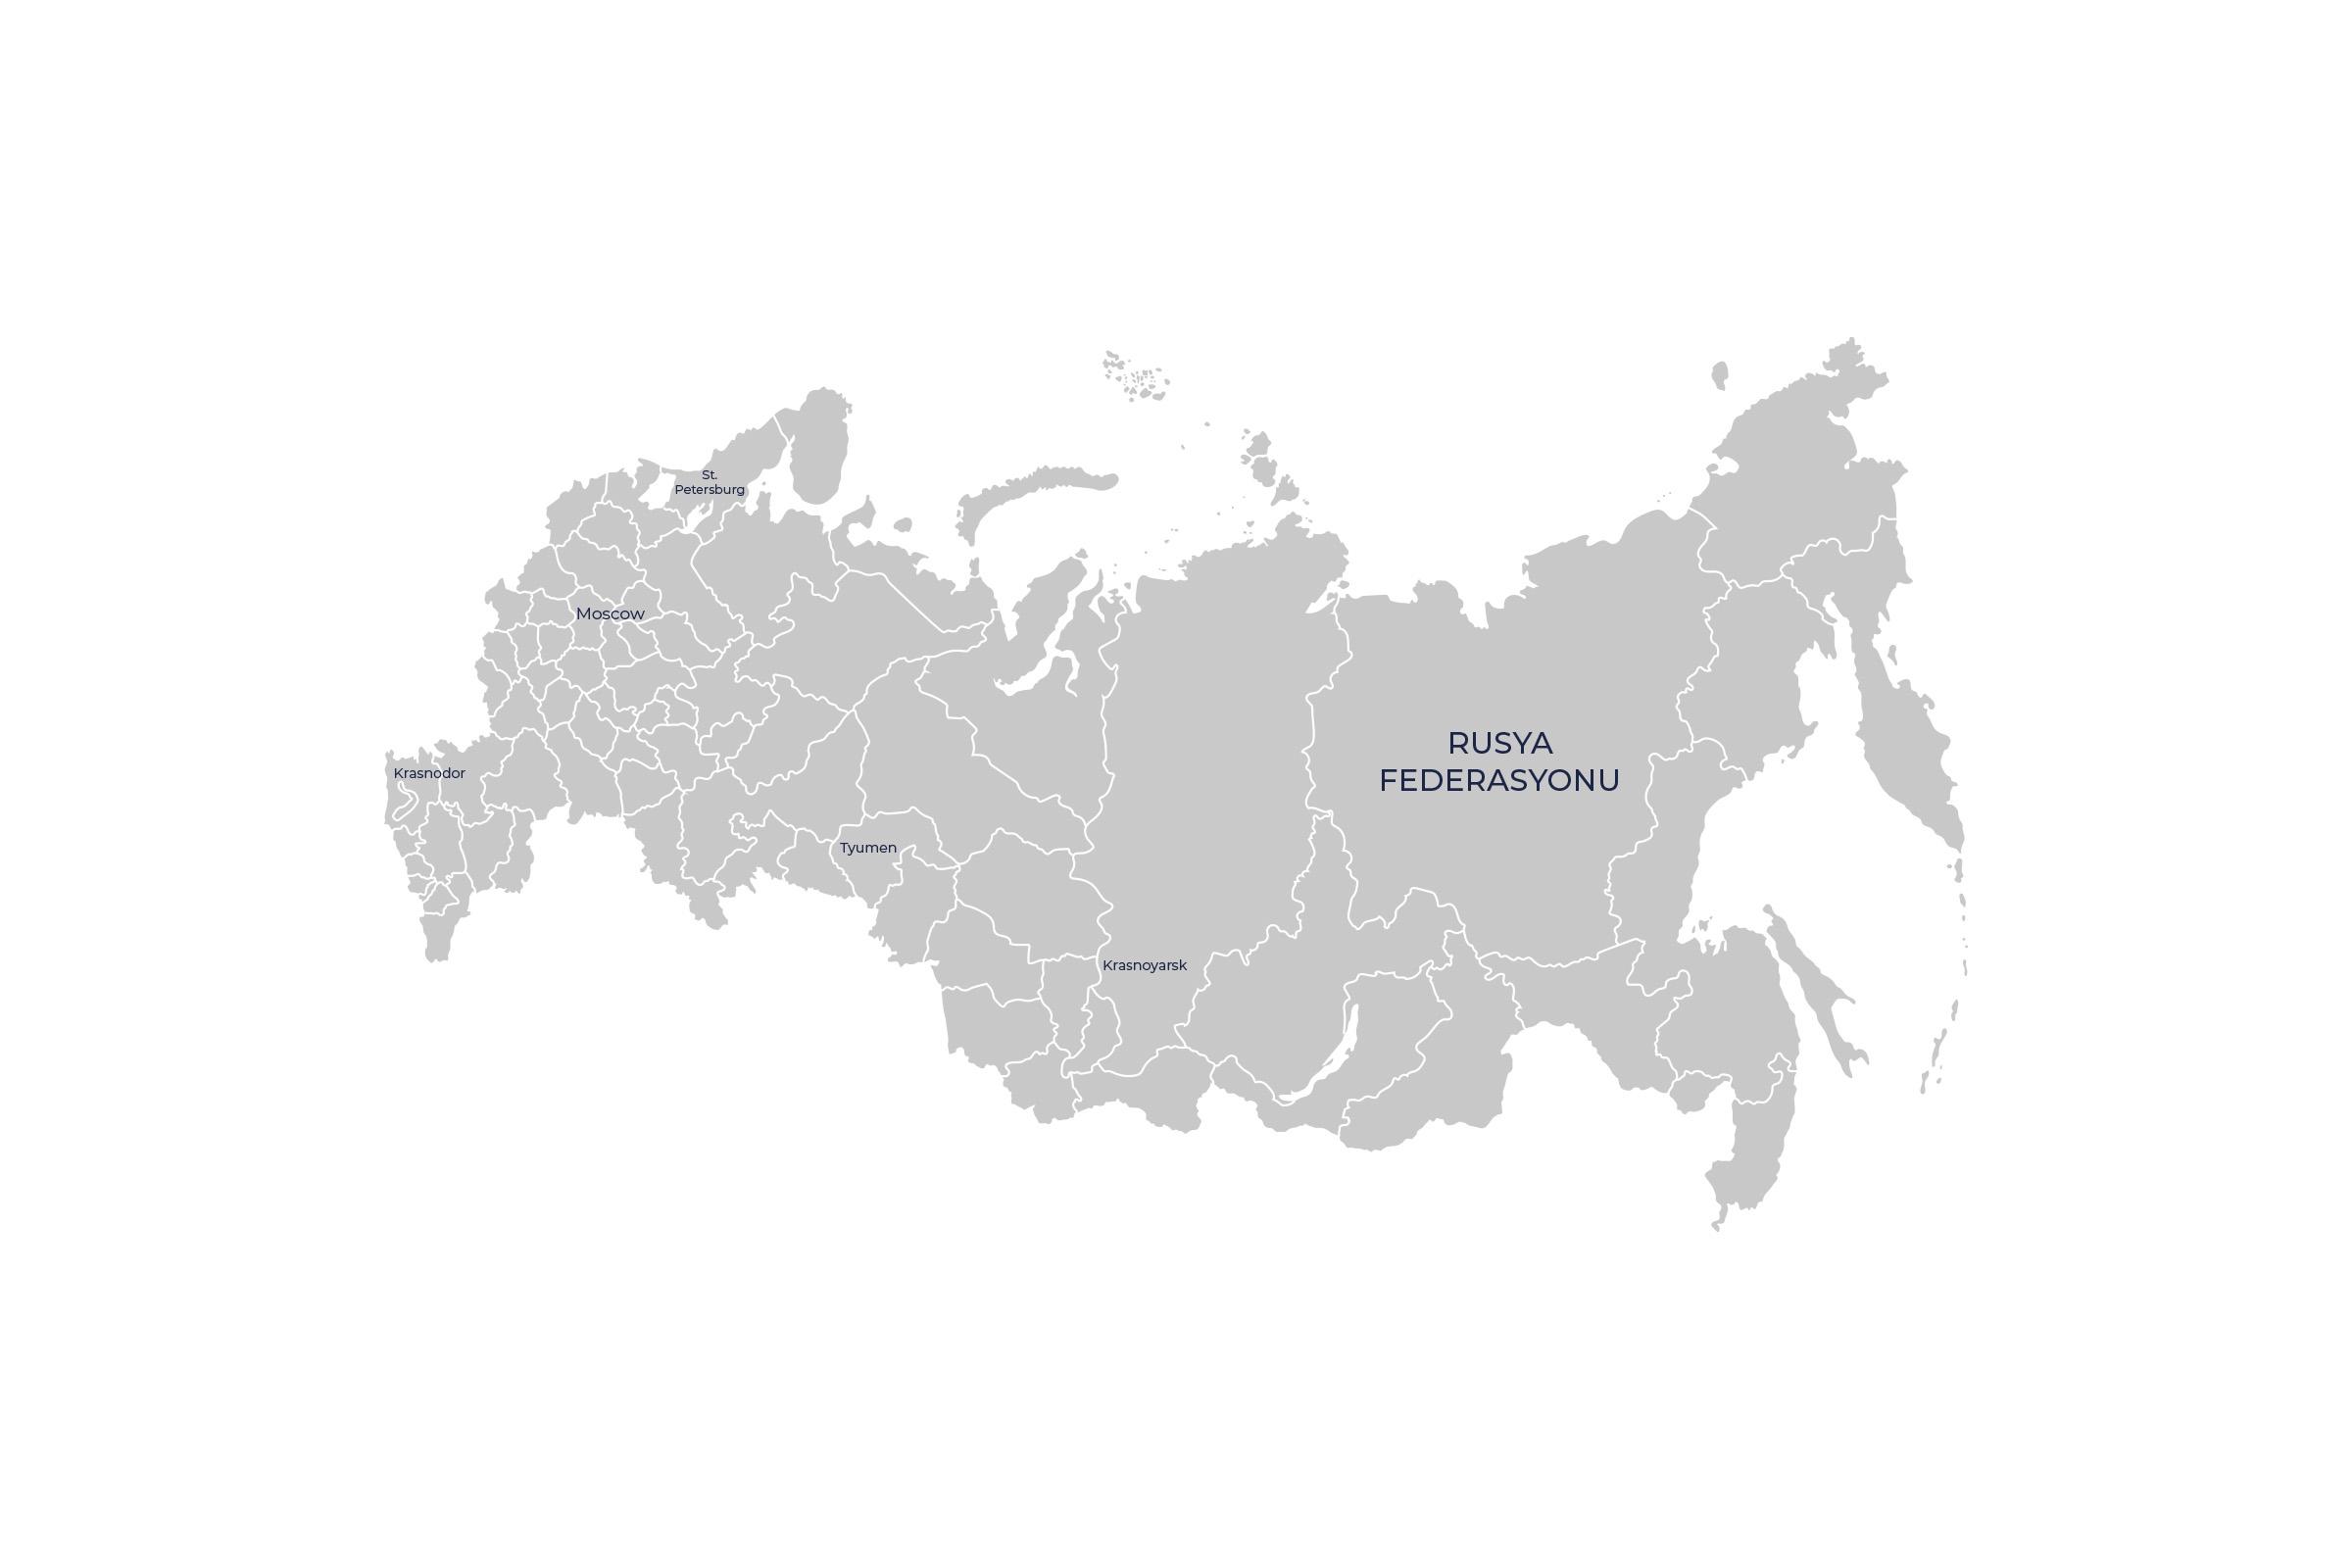 rs harita